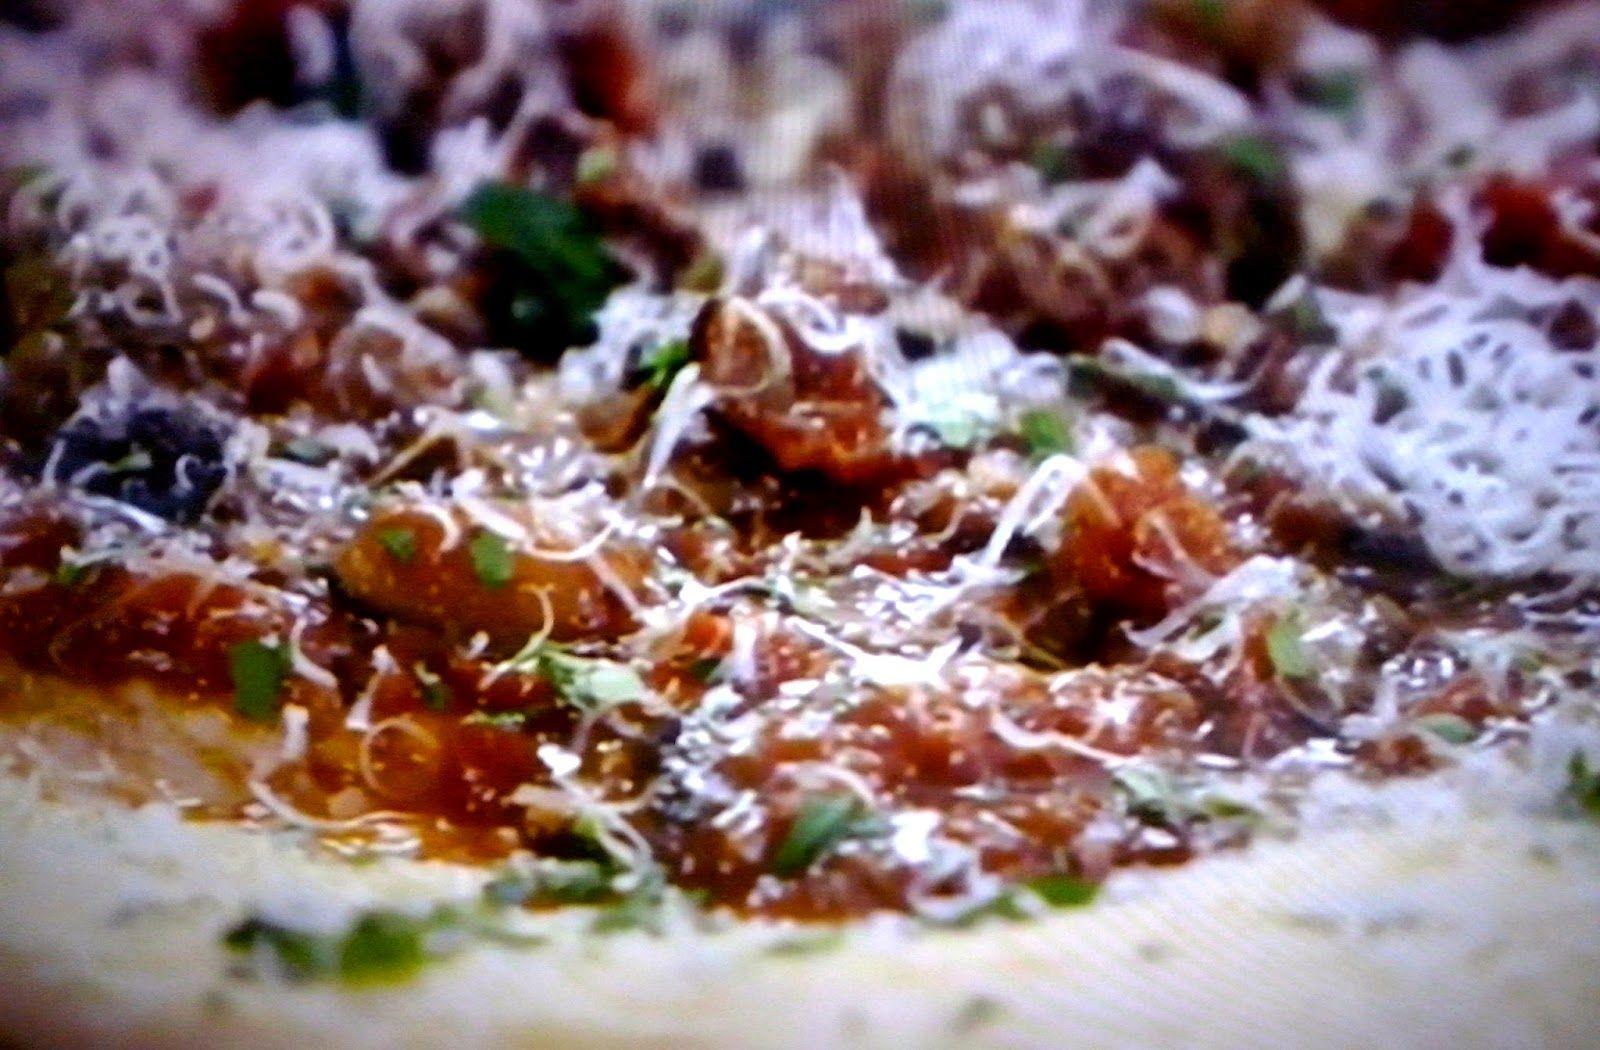 La+cucina+tradotta+di+Jamie:+Polpette+alla+norma+e+polenta